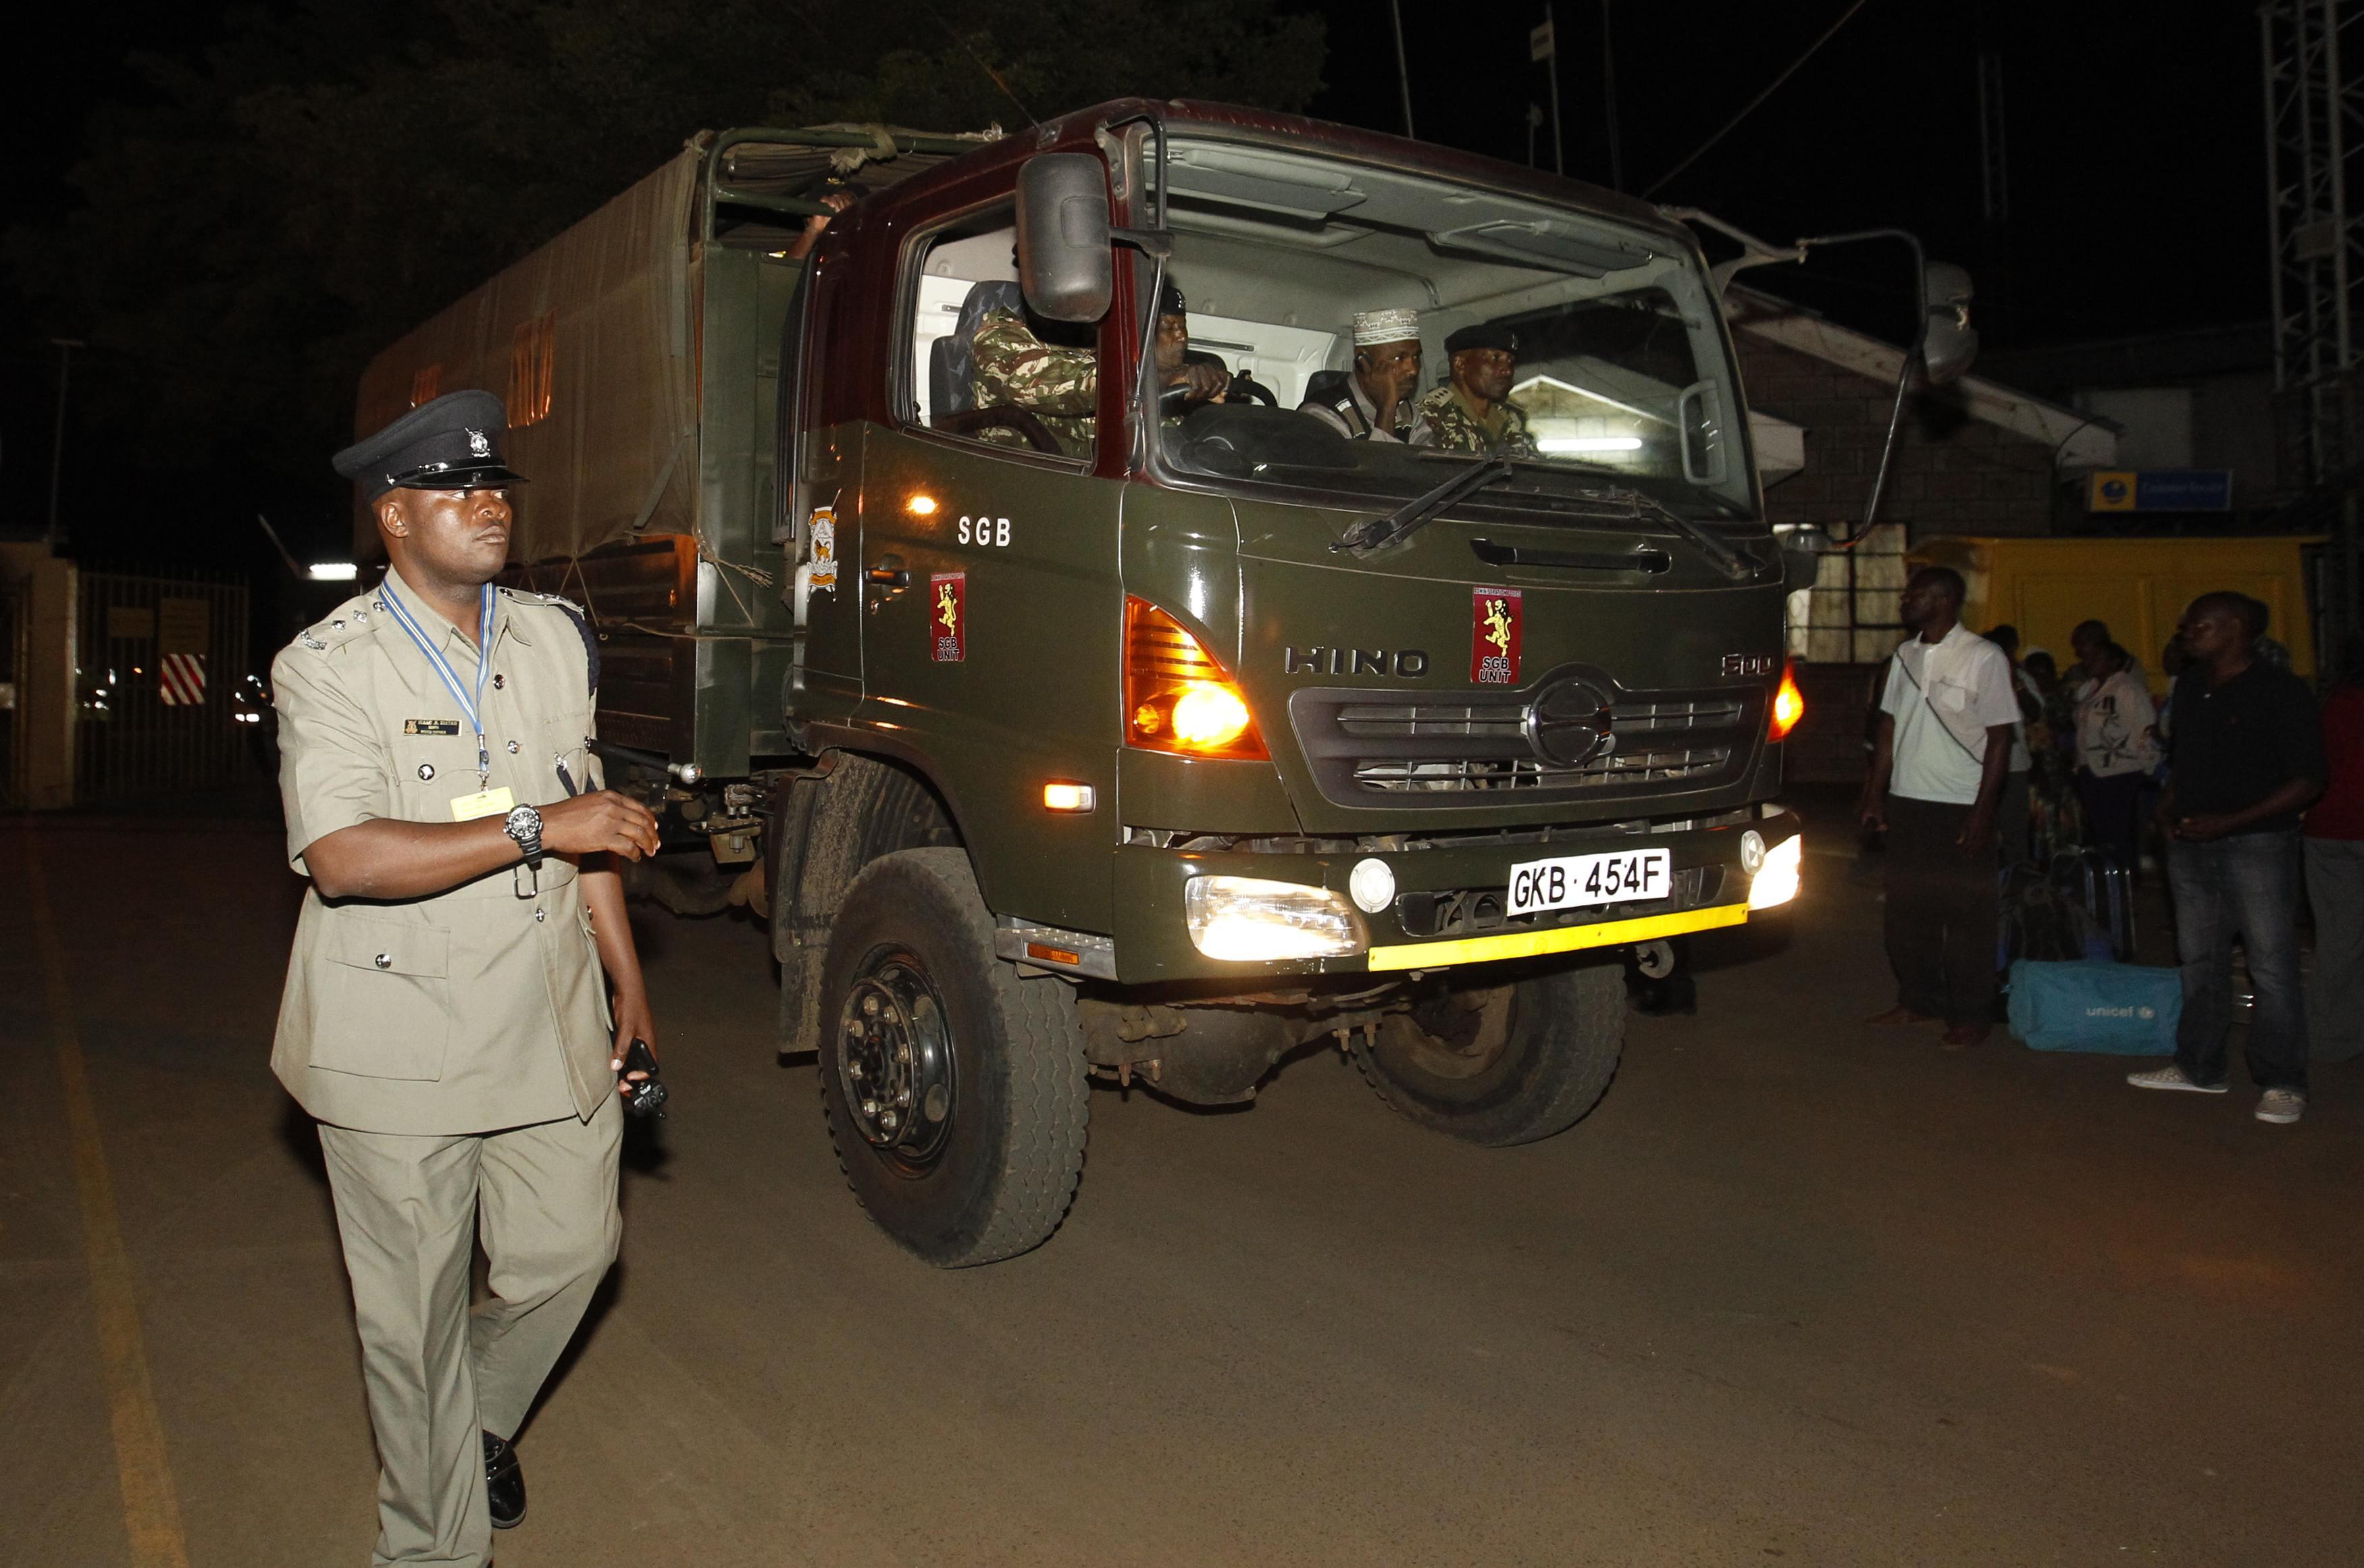 Kenya Claims to Have Killed 100 Al-Shabaab Jihadists Behind Lethal Bus Attack